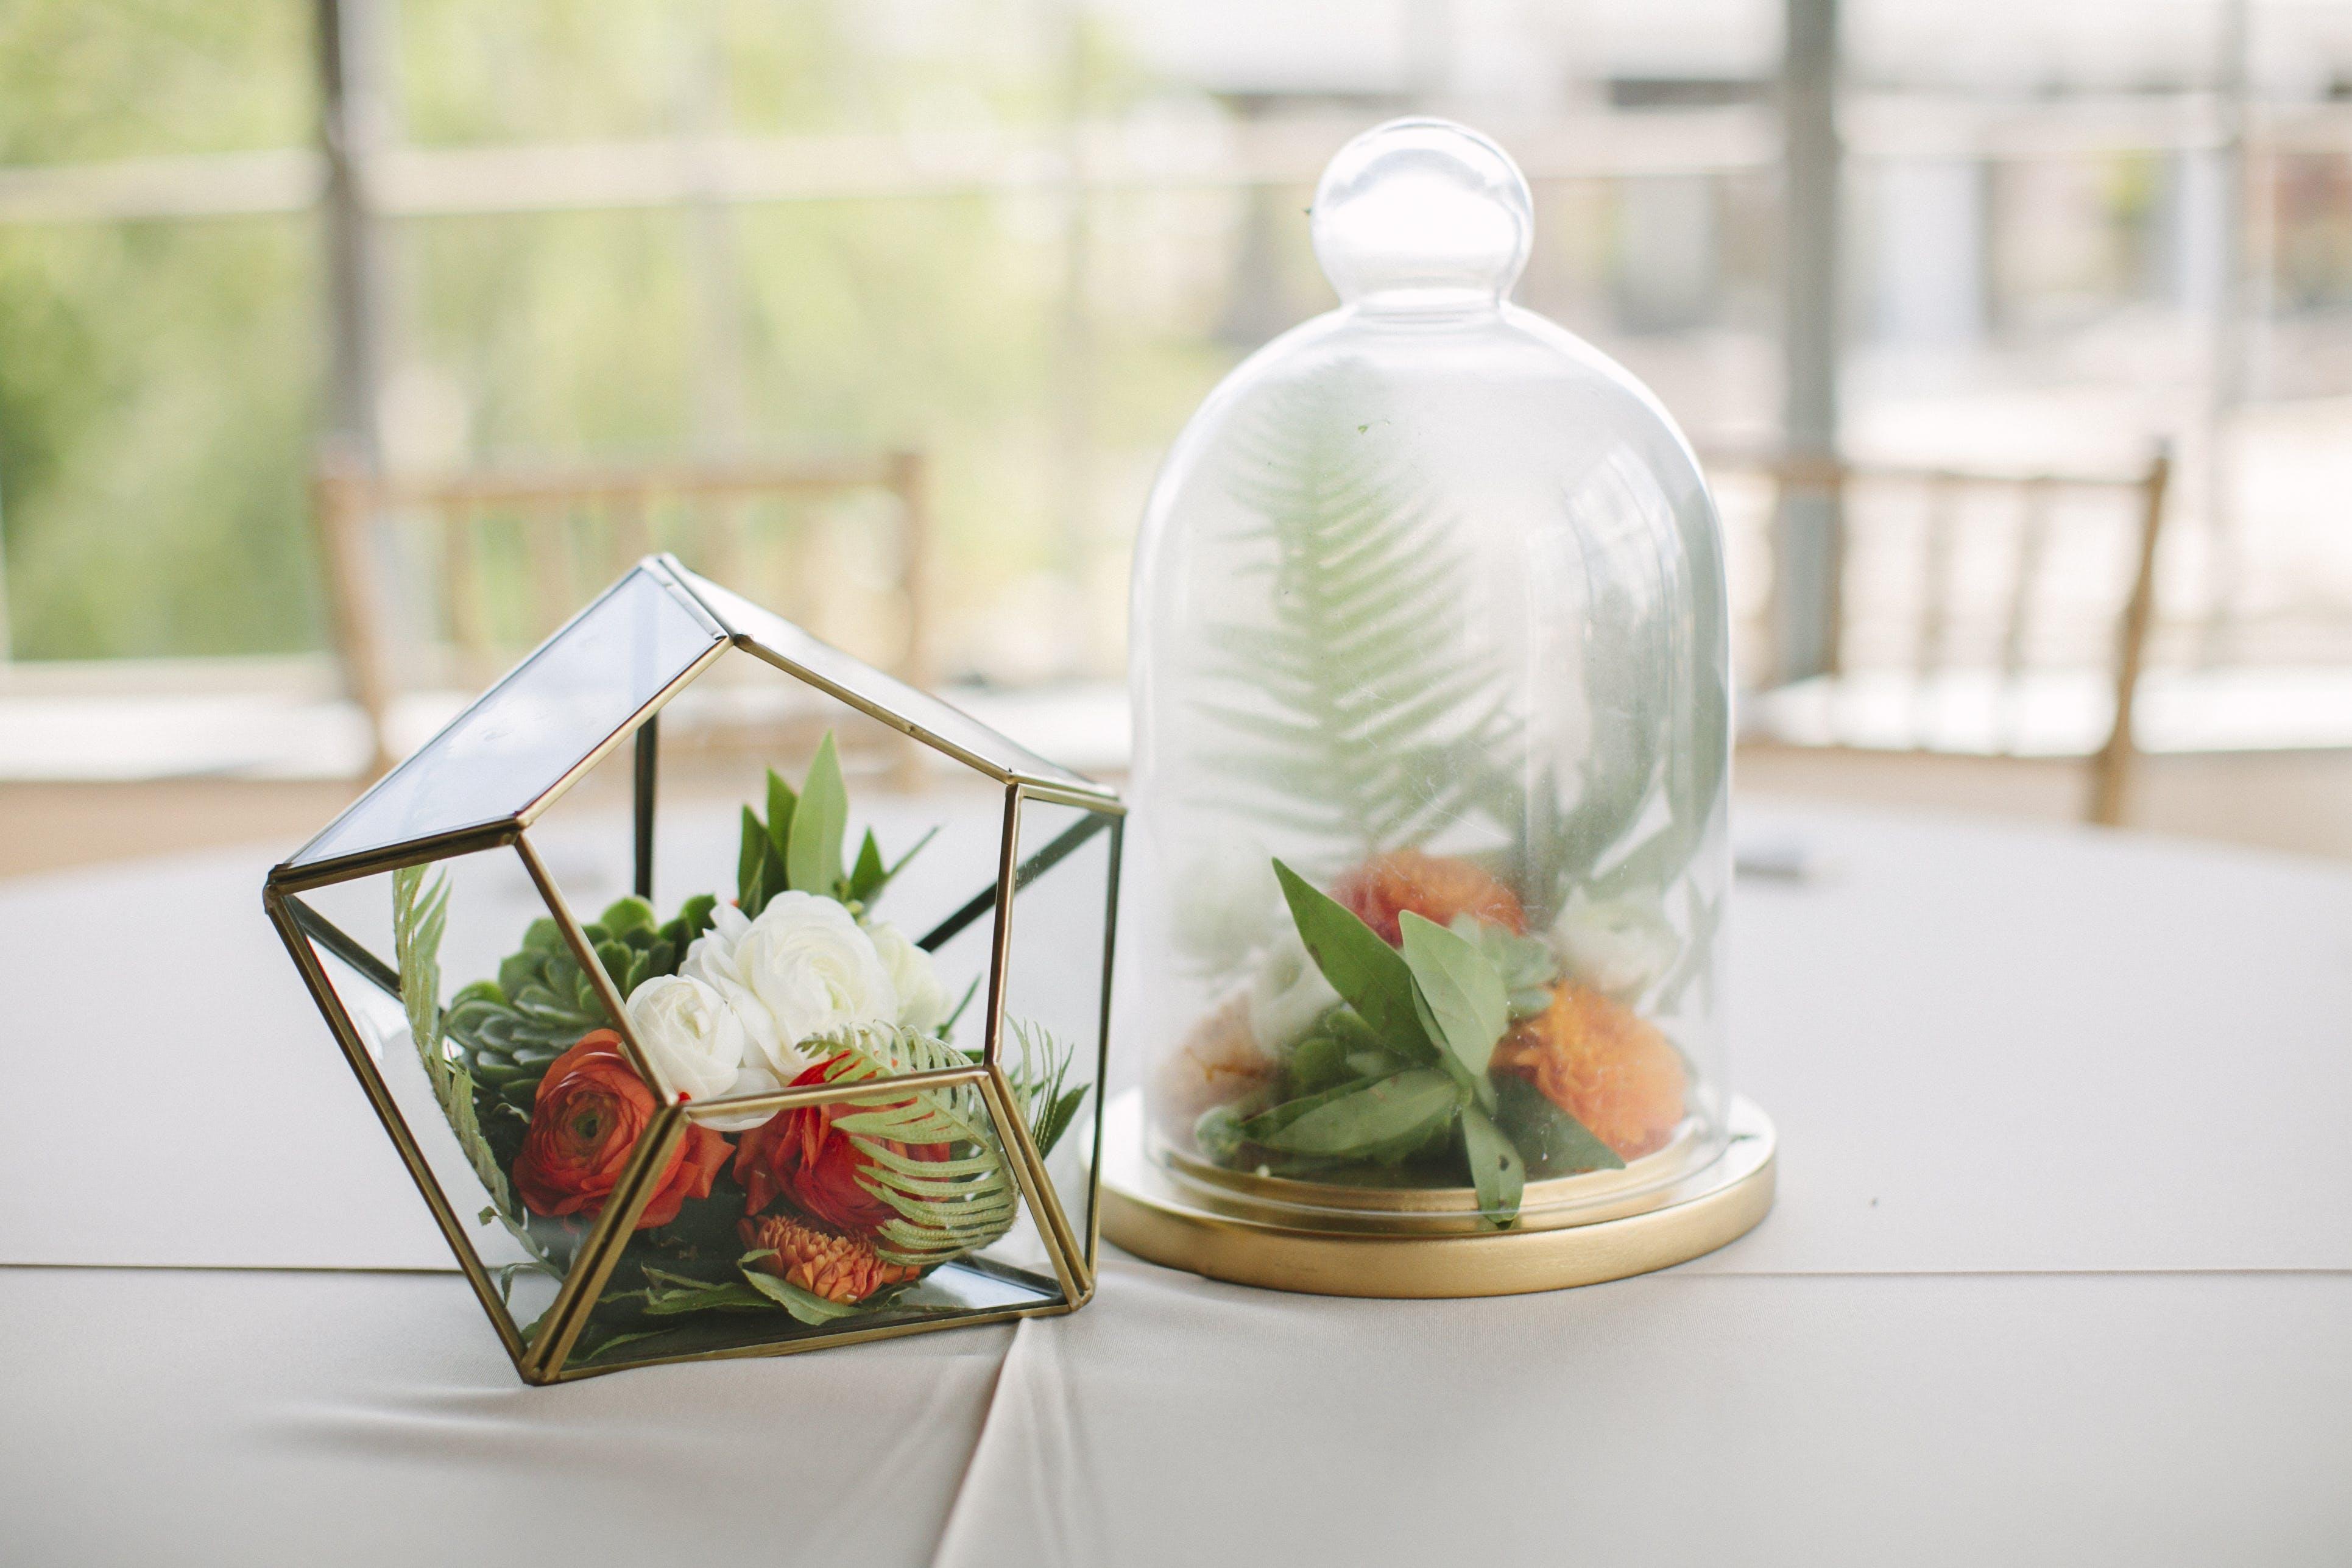 Základová fotografie zdarma na téma aranžování květin, dekor, dekorace, kapradina